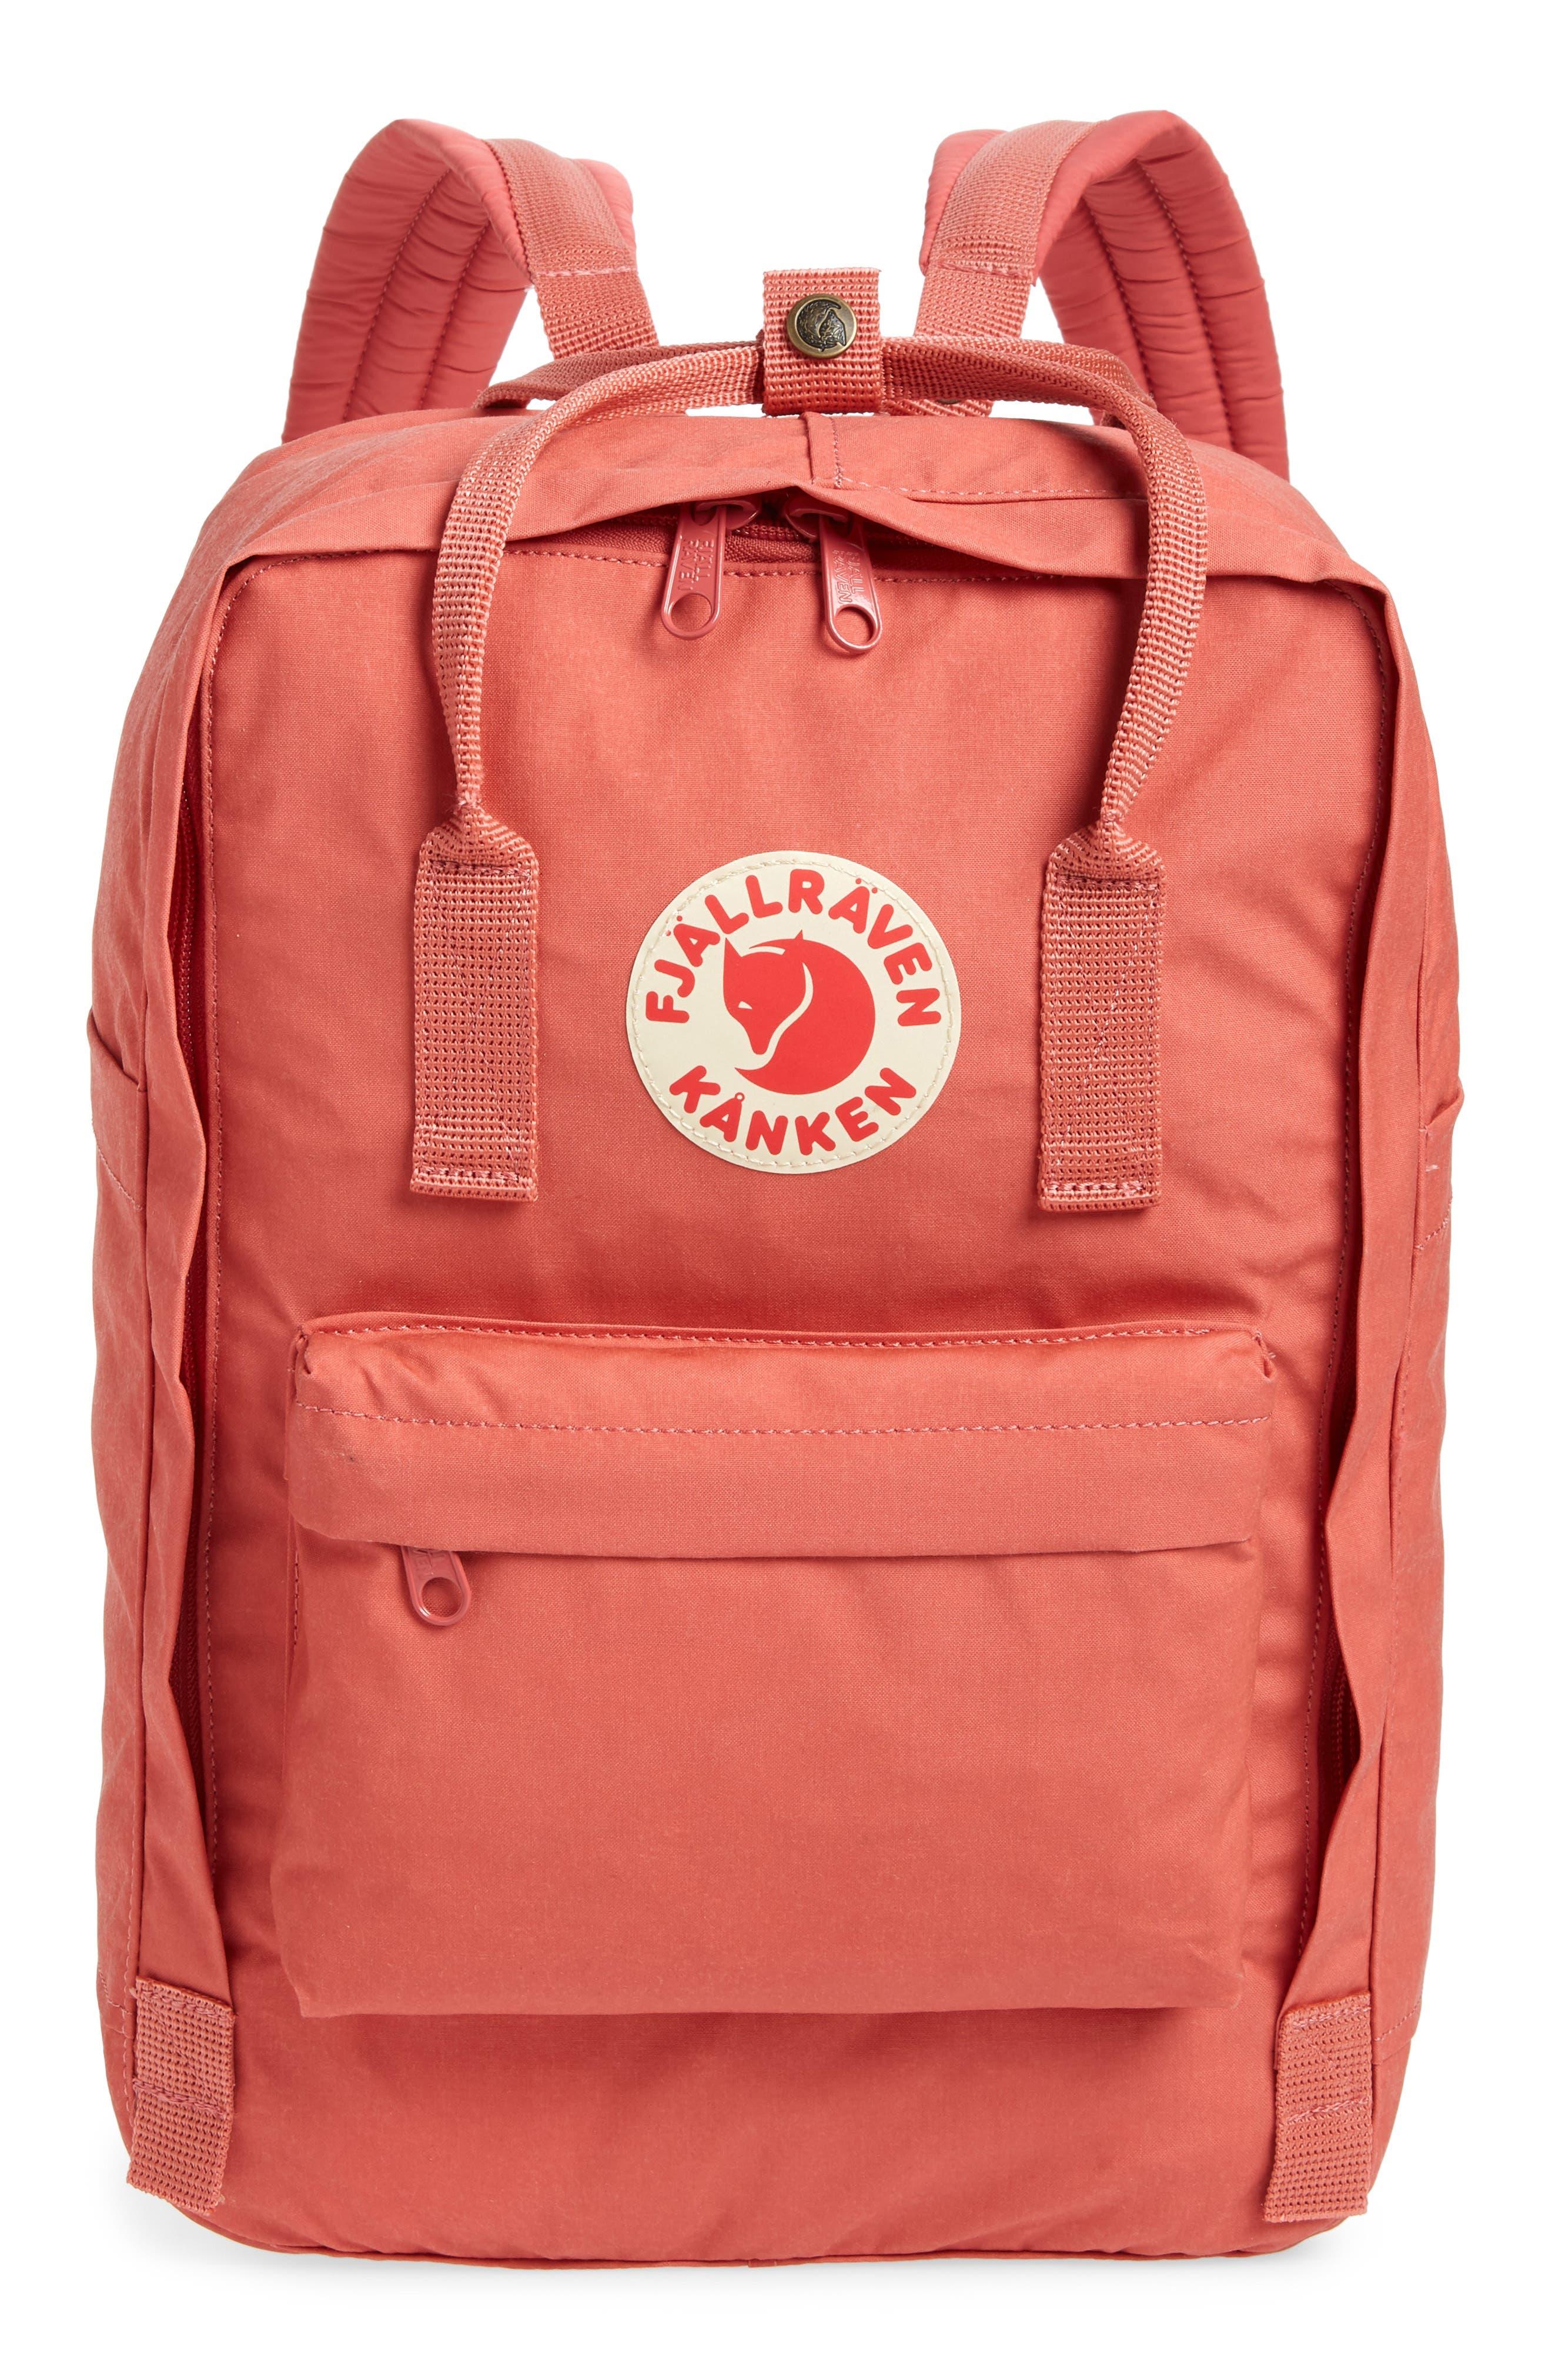 Kanken 15-Inch Laptop Backpack